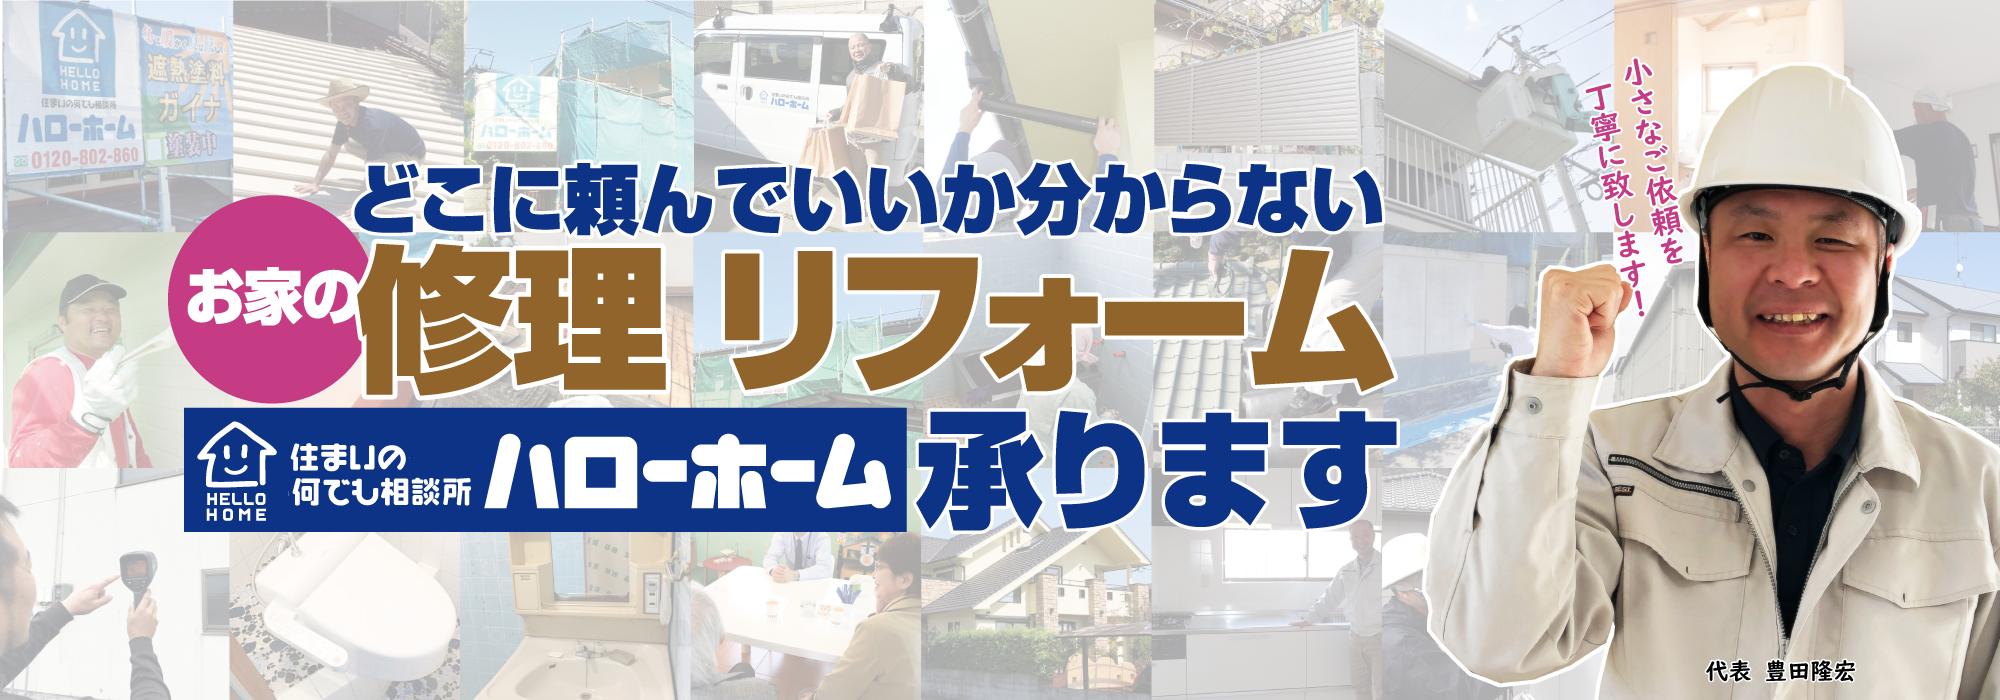 福山市で外壁塗装・リフォーム・お家の修理ならハローホーム